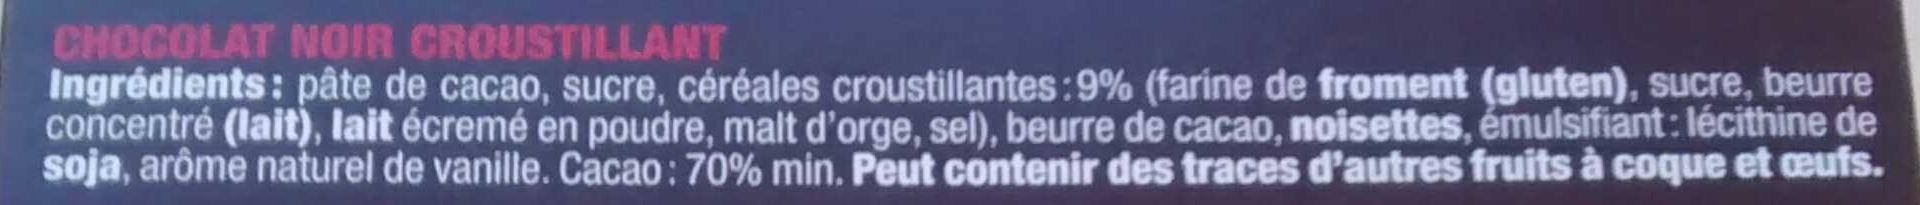 noir croustillant - Ingrédients - fr